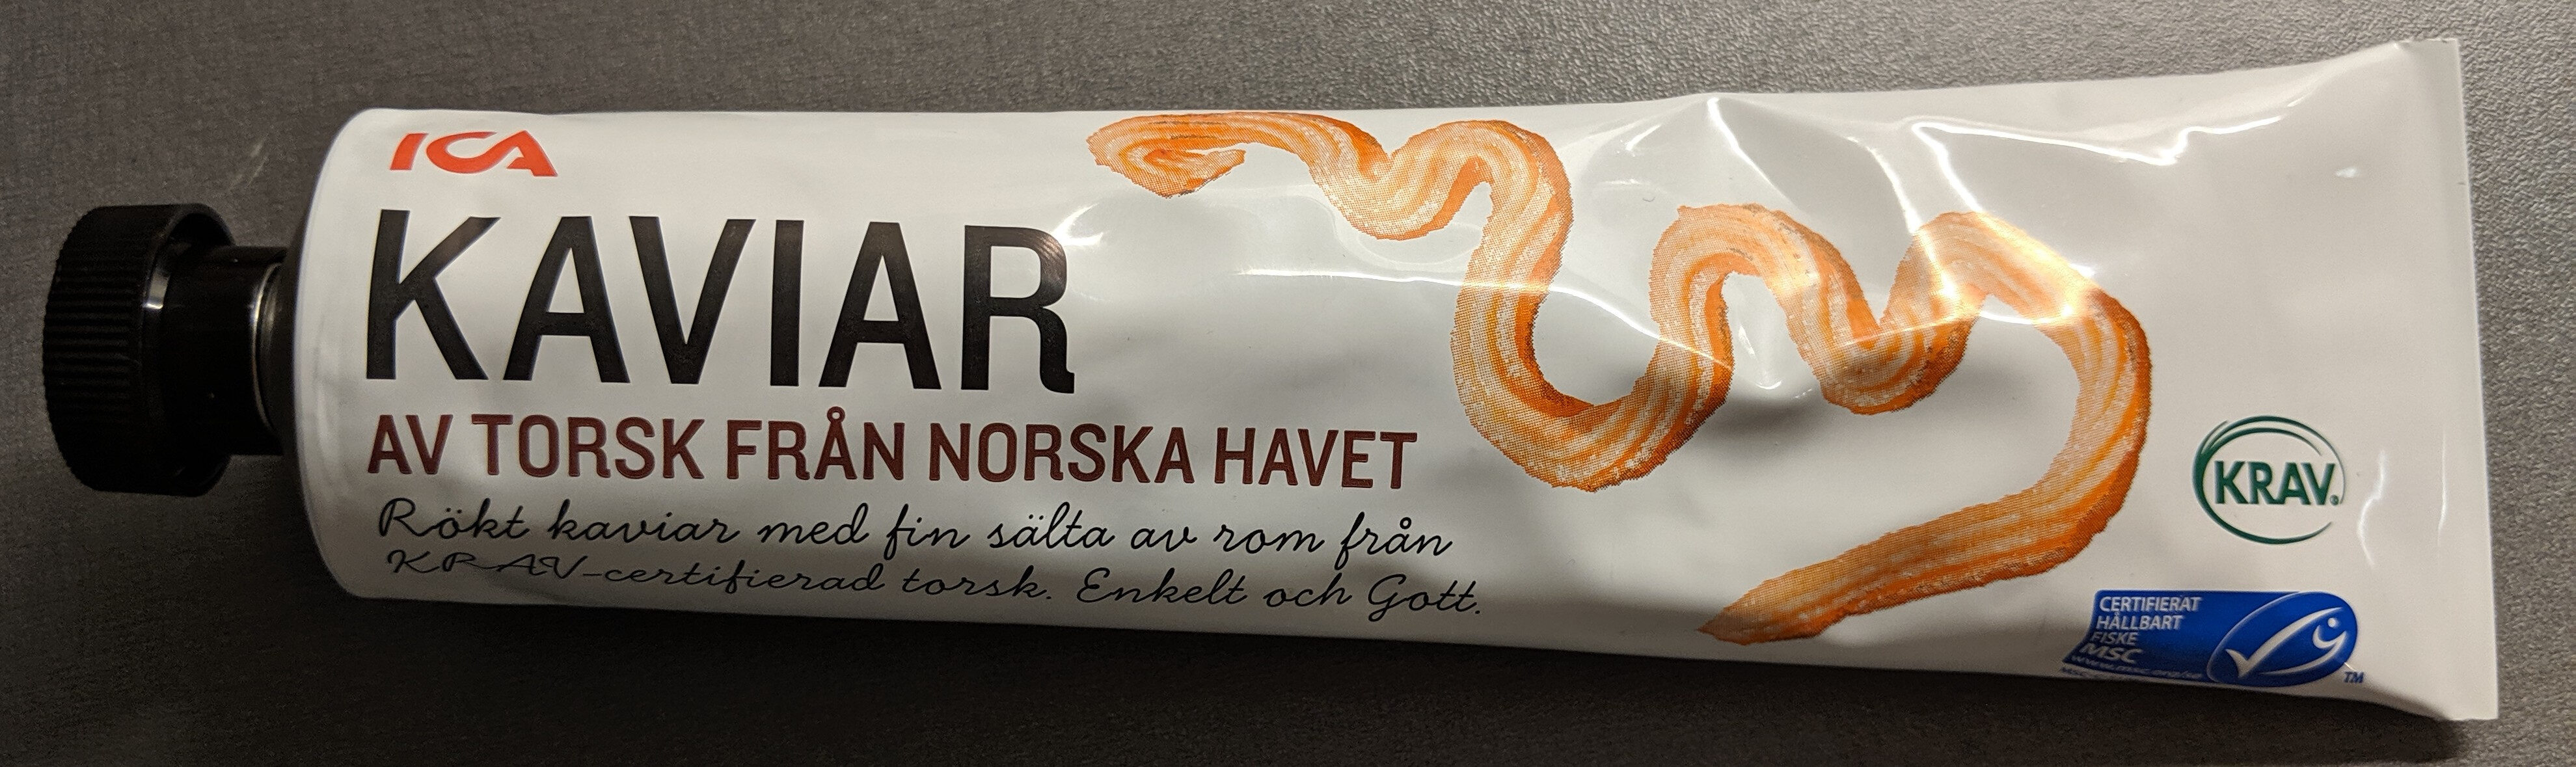 ICA Kaviar av torsk från norska havet - Produit